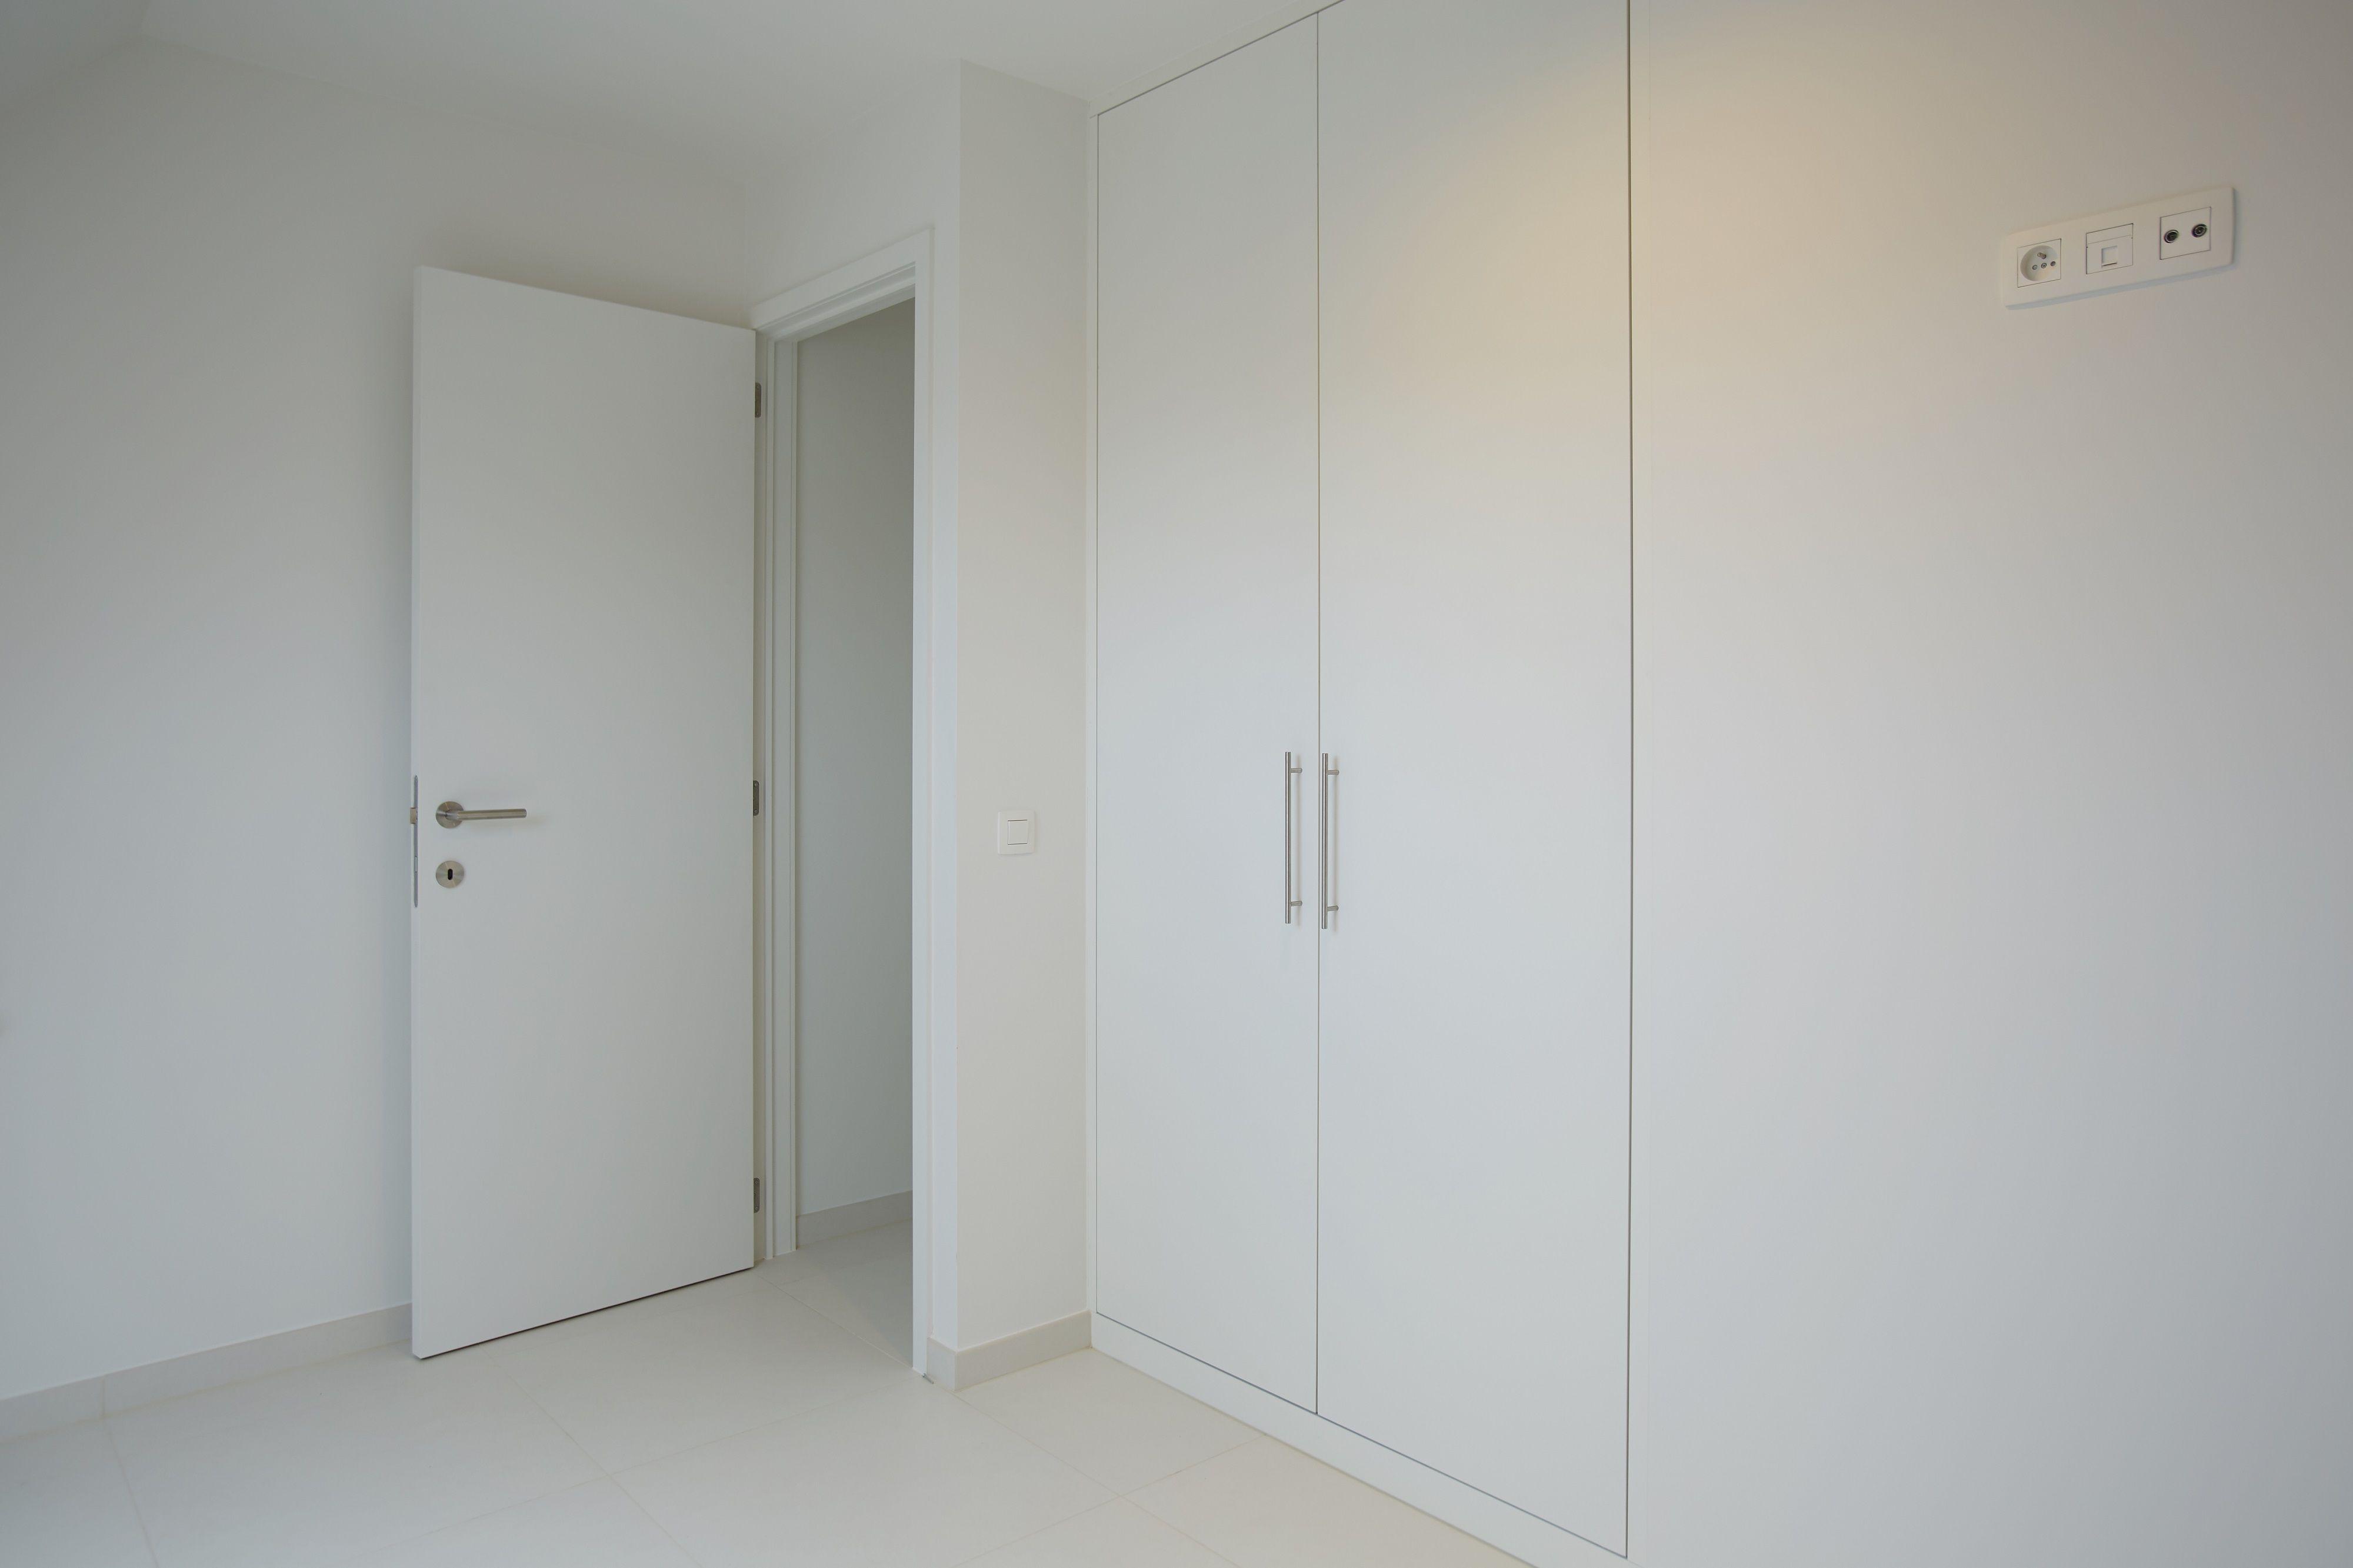 Duplex-appartement met 2 slaapkamers te koop Nieuwpoort - 5413